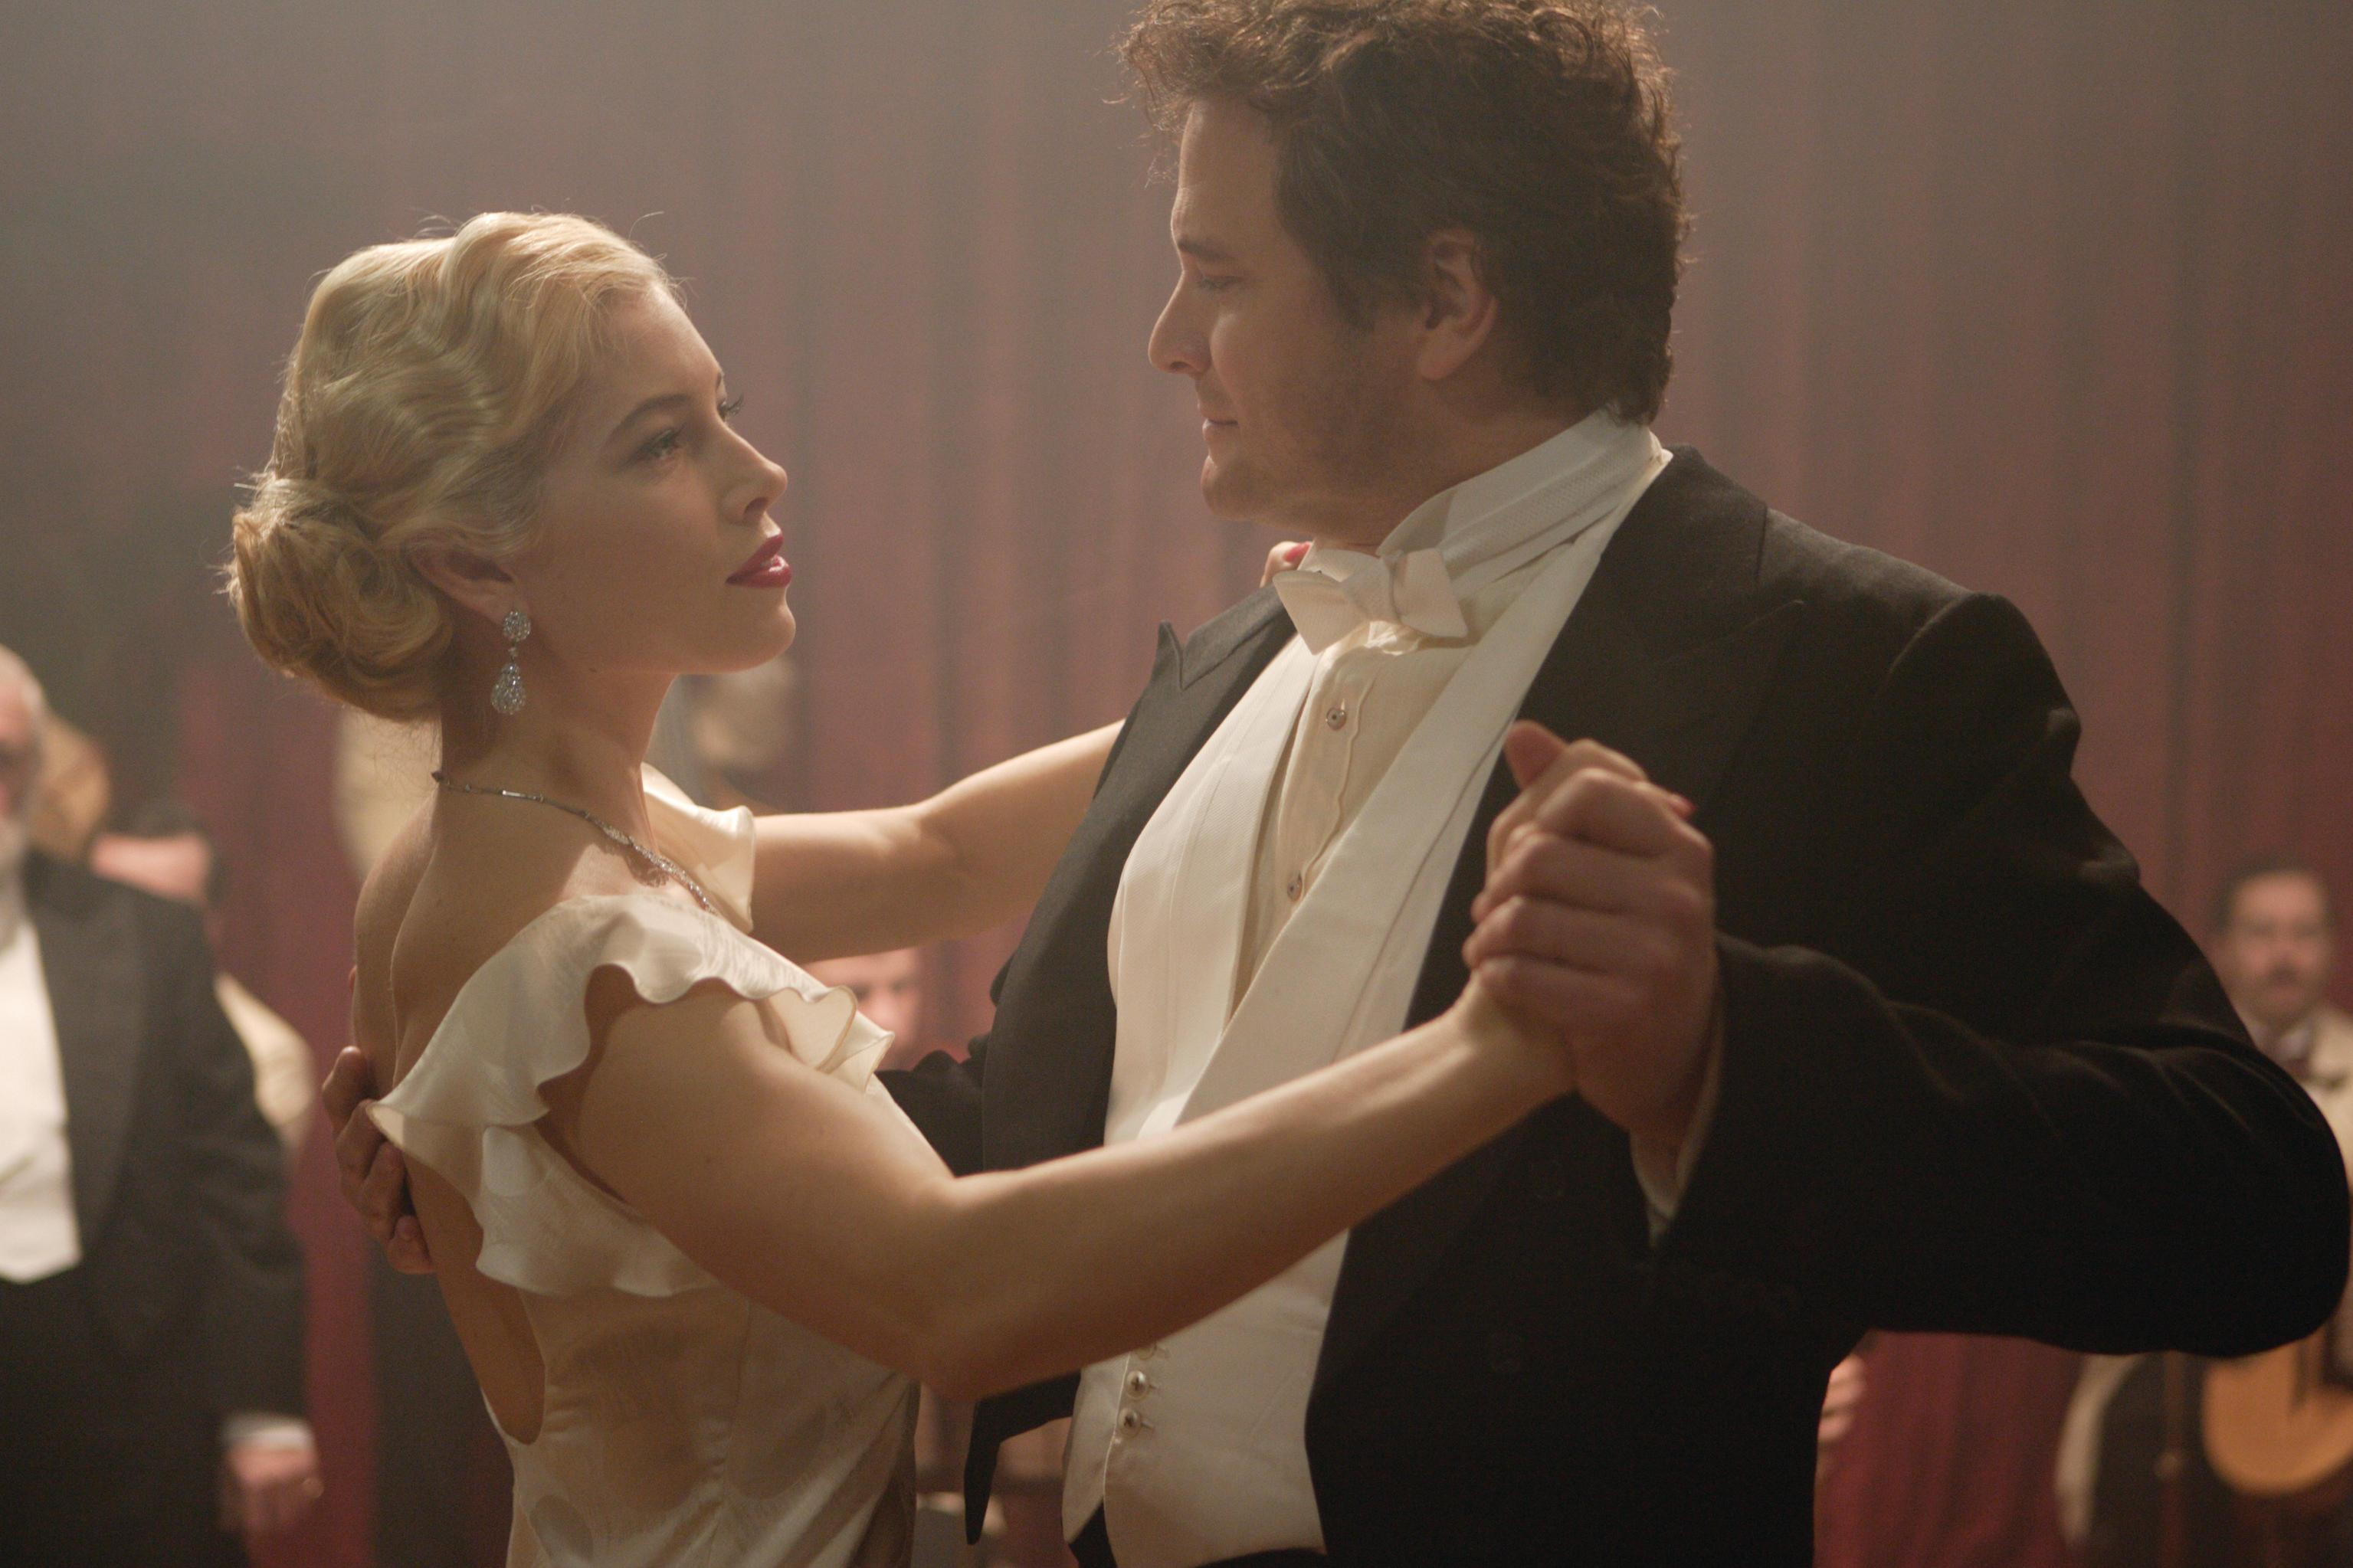 Larita (Jessica Biel) and Mr Whittaker (Colin Firth)